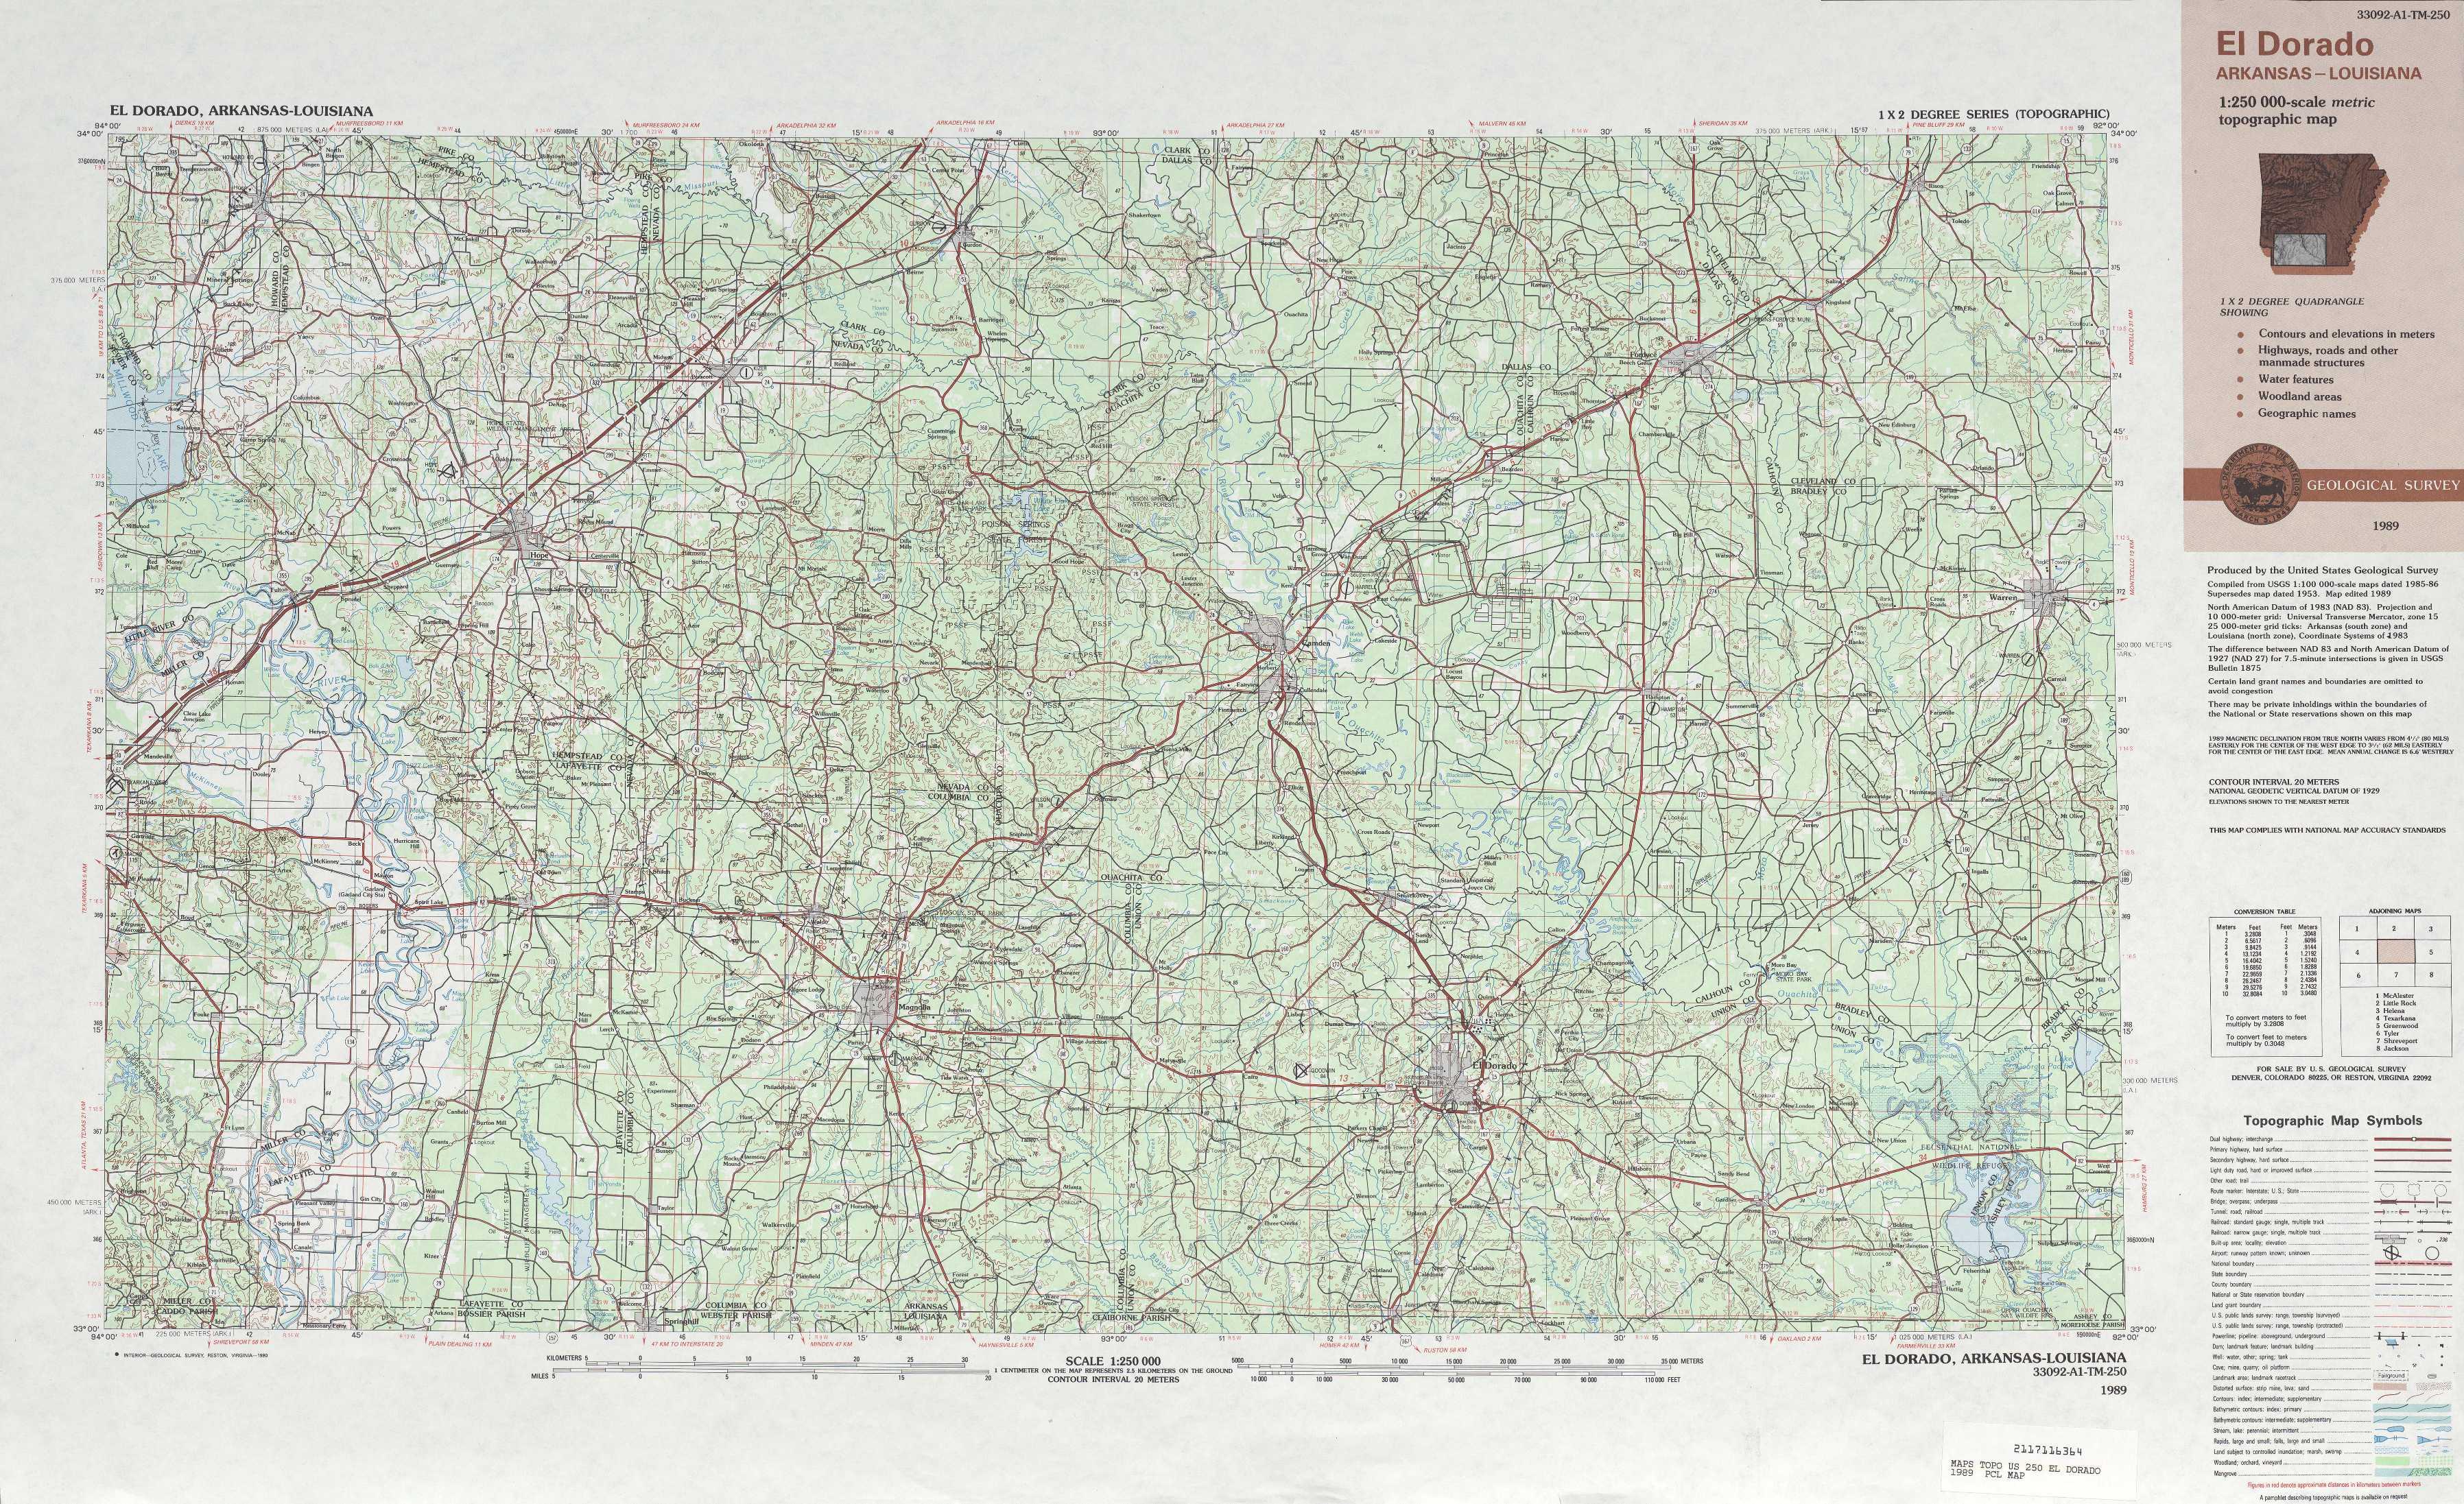 El Dorado topographic maps AR LA USGS Topo Quad 33092a1 at 1